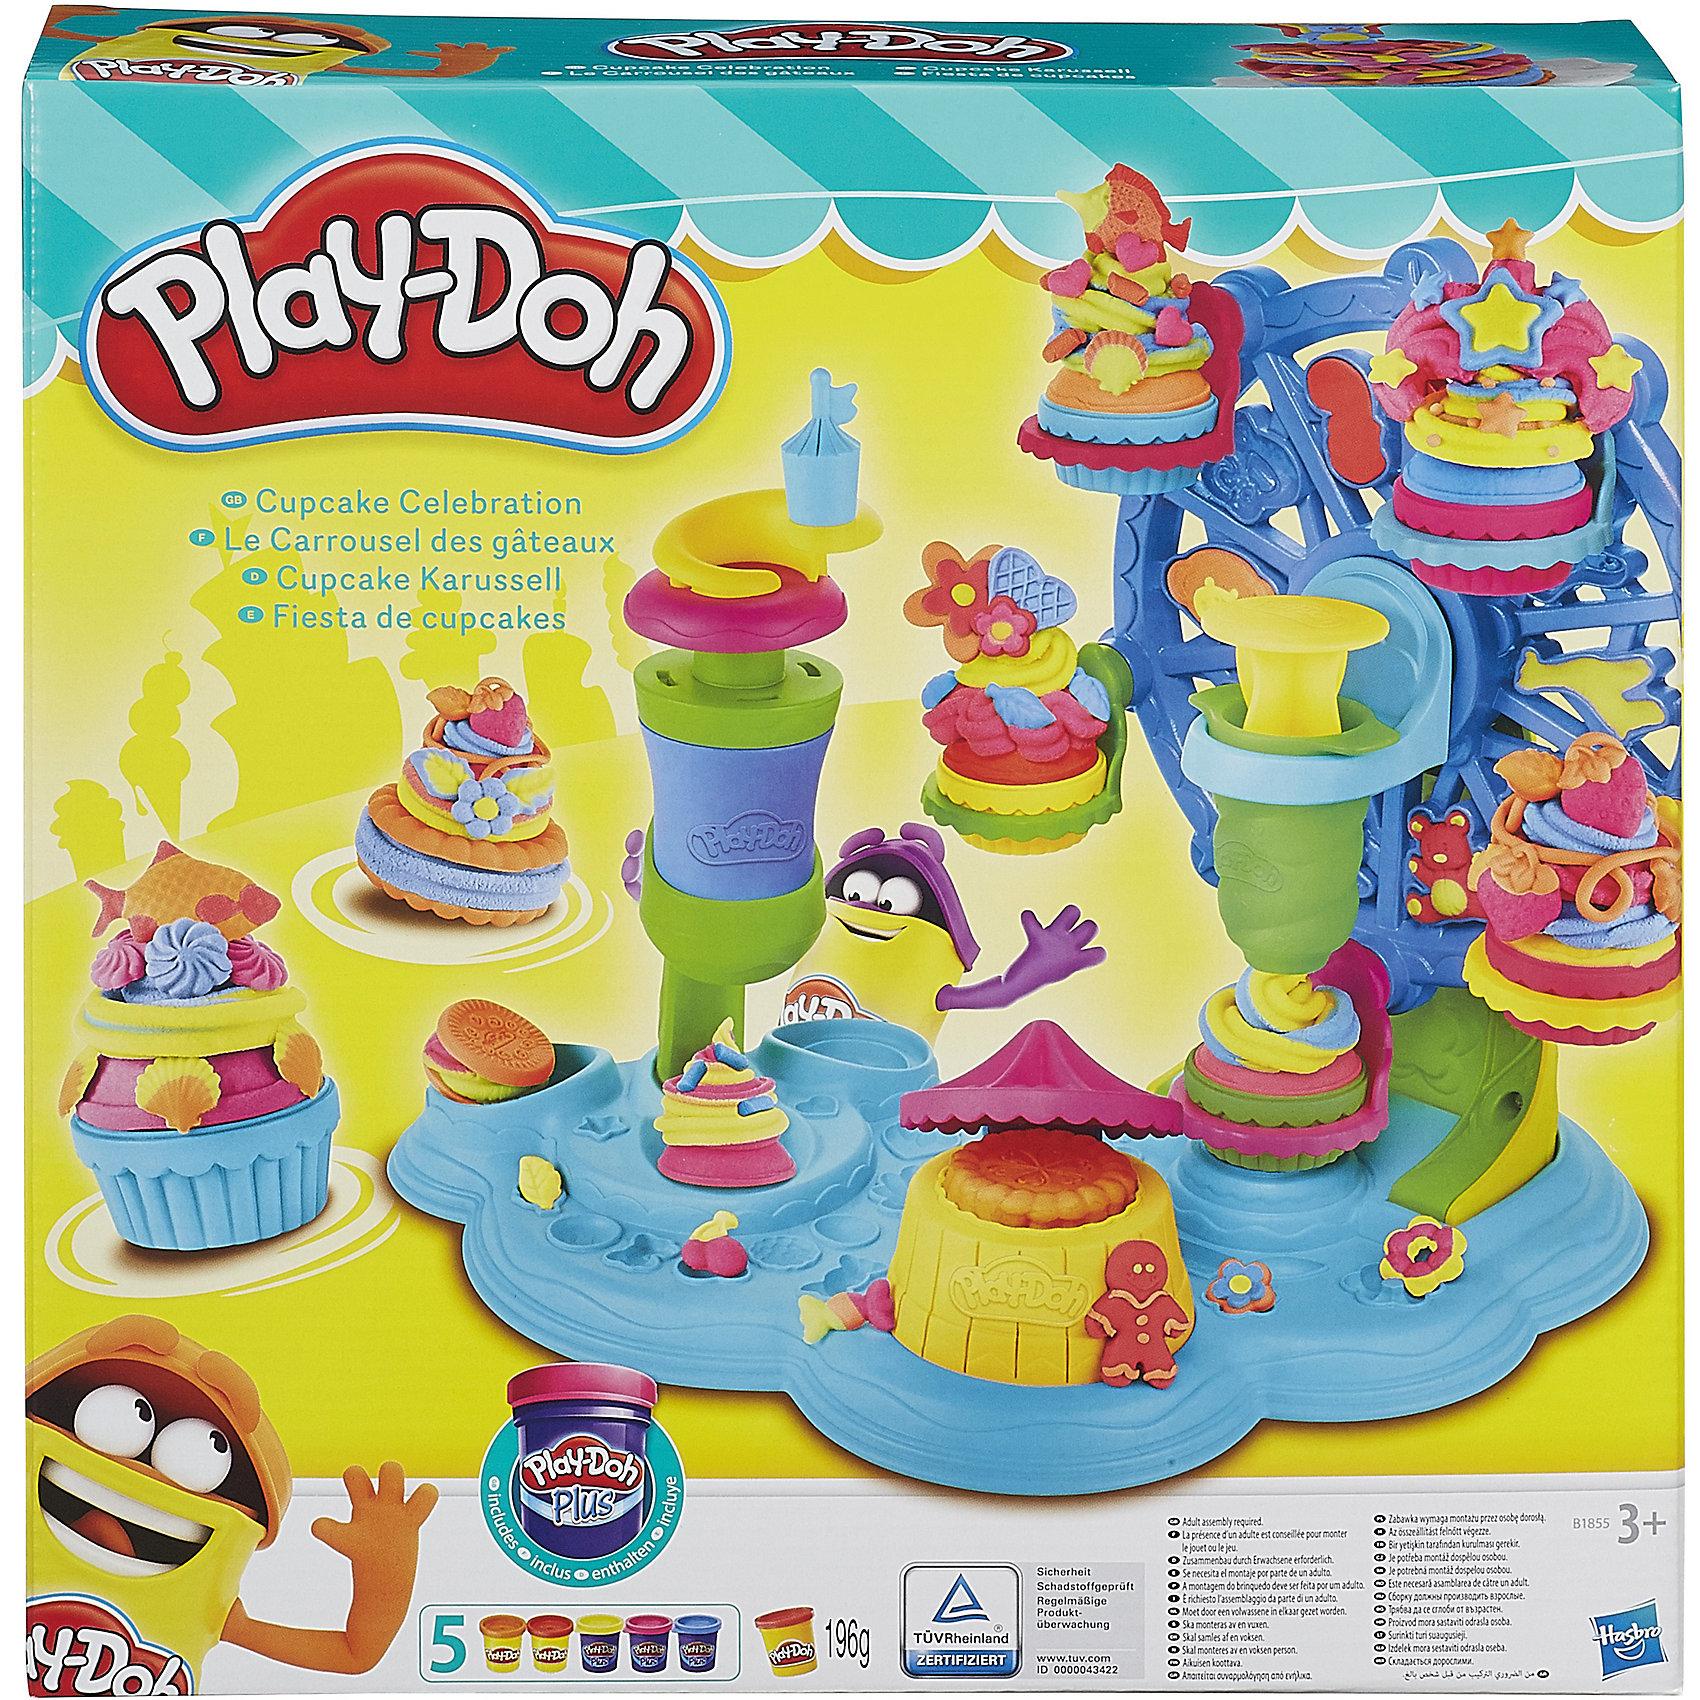 Hasbro Набор Карусель сладостей, Play-Doh hasbro play doh игровой набор из 8 баночек с 2 лет